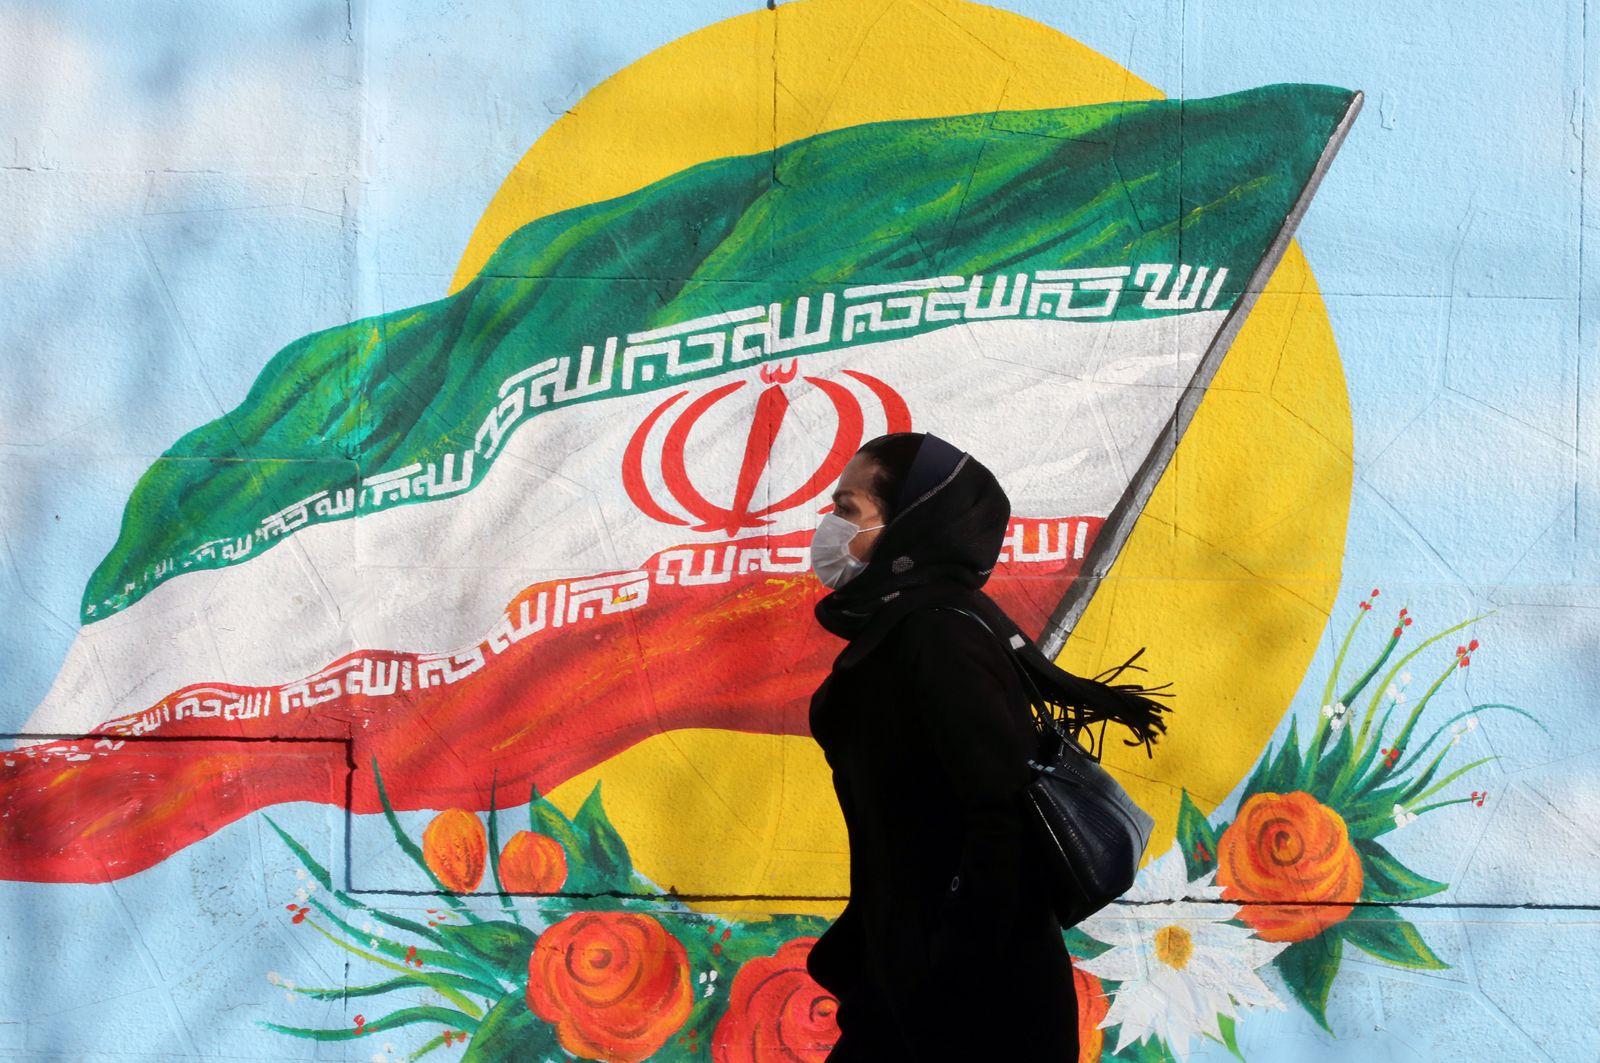 Two people diagnosed with coronavirus died in Iran, Tehran, Iran Islamic Republic Of - 12 Feb 2020